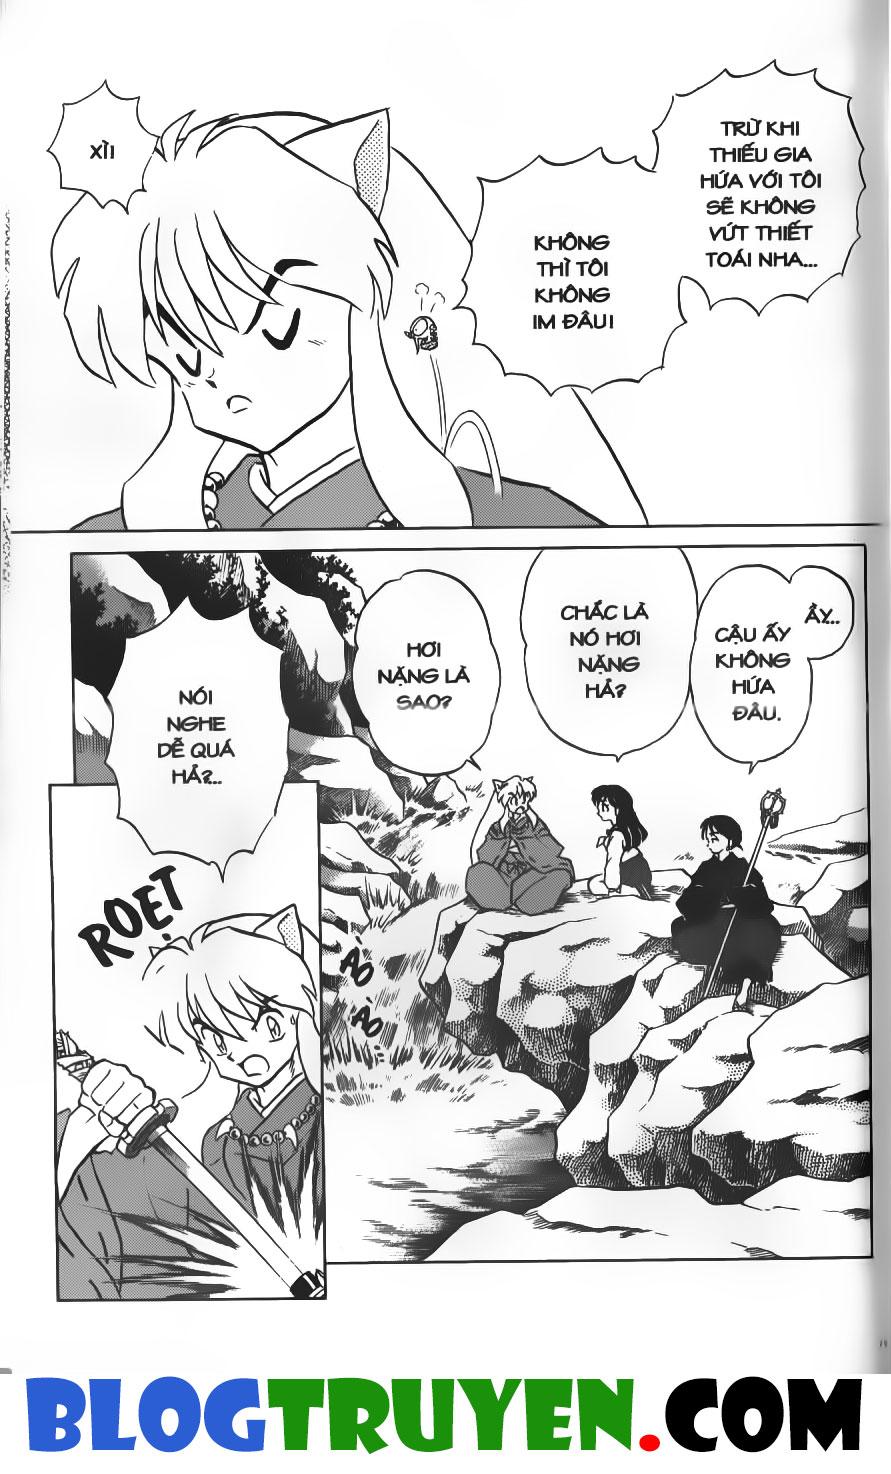 Inuyasha vol 17.5 trang 4